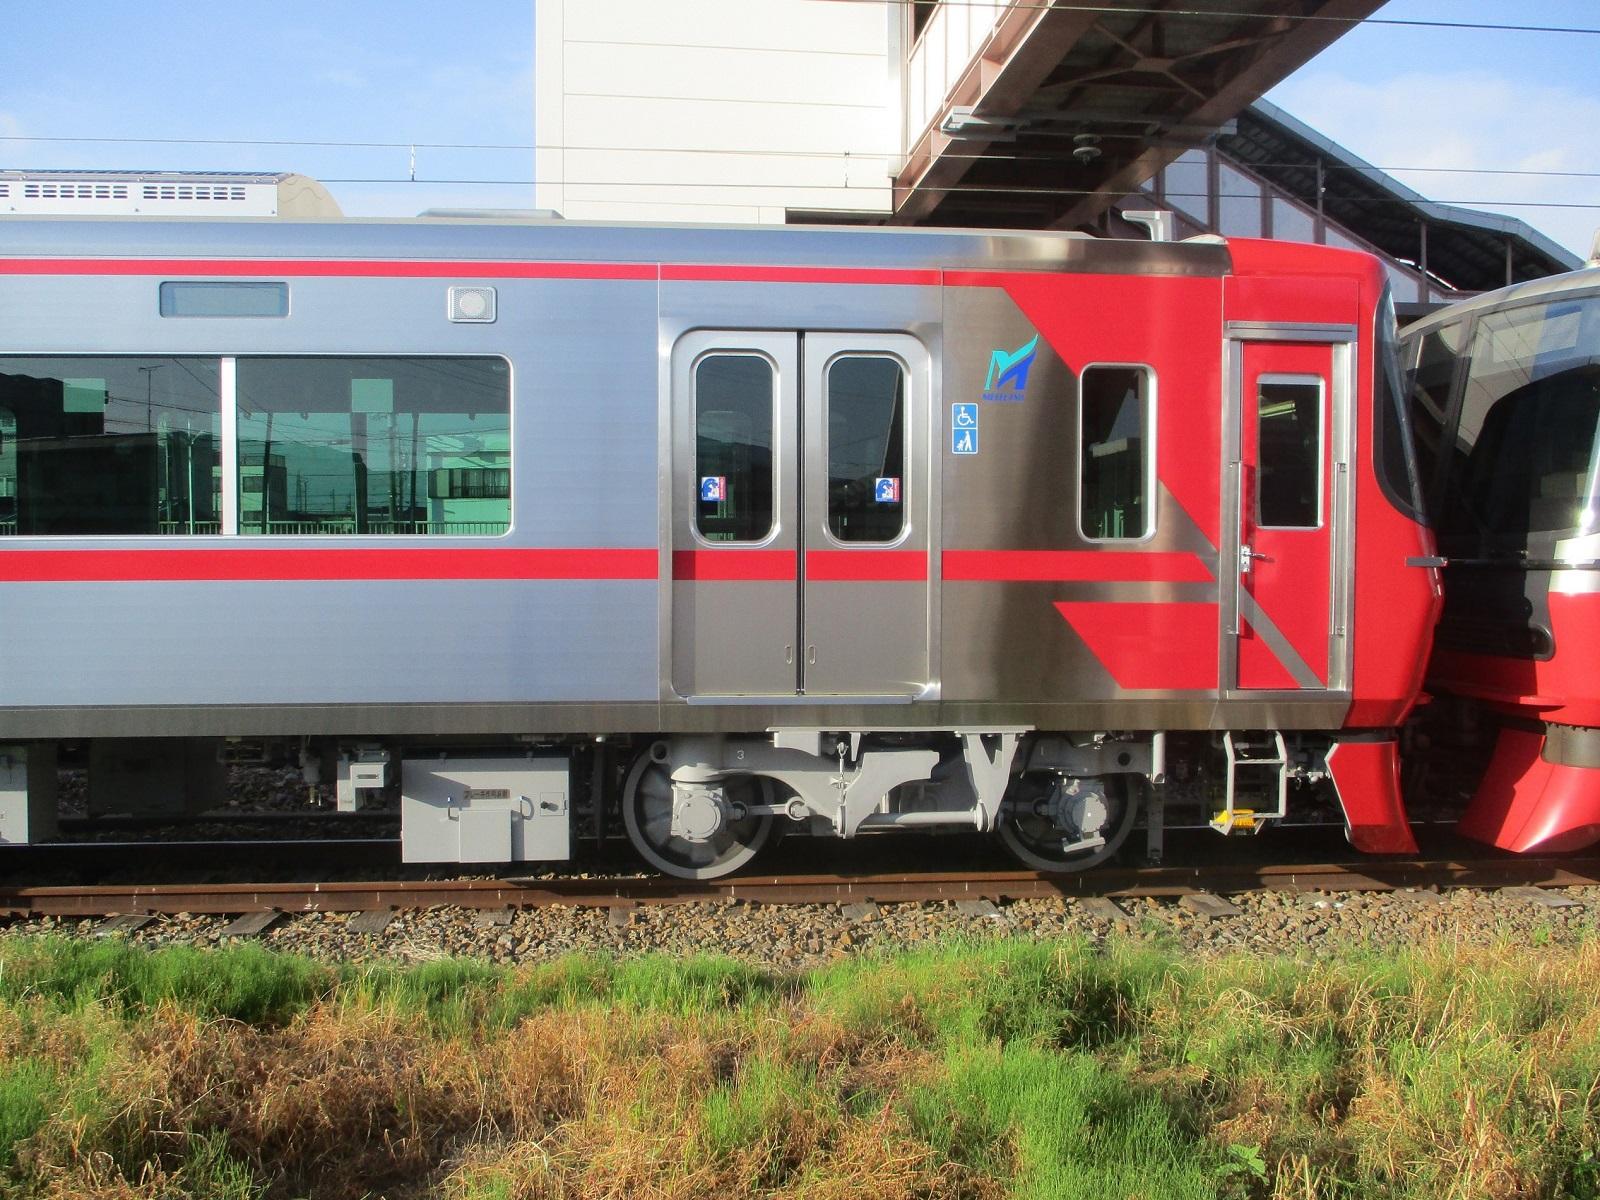 2020.5.4 (4) 矢作橋 - 9505編成 1600-1200